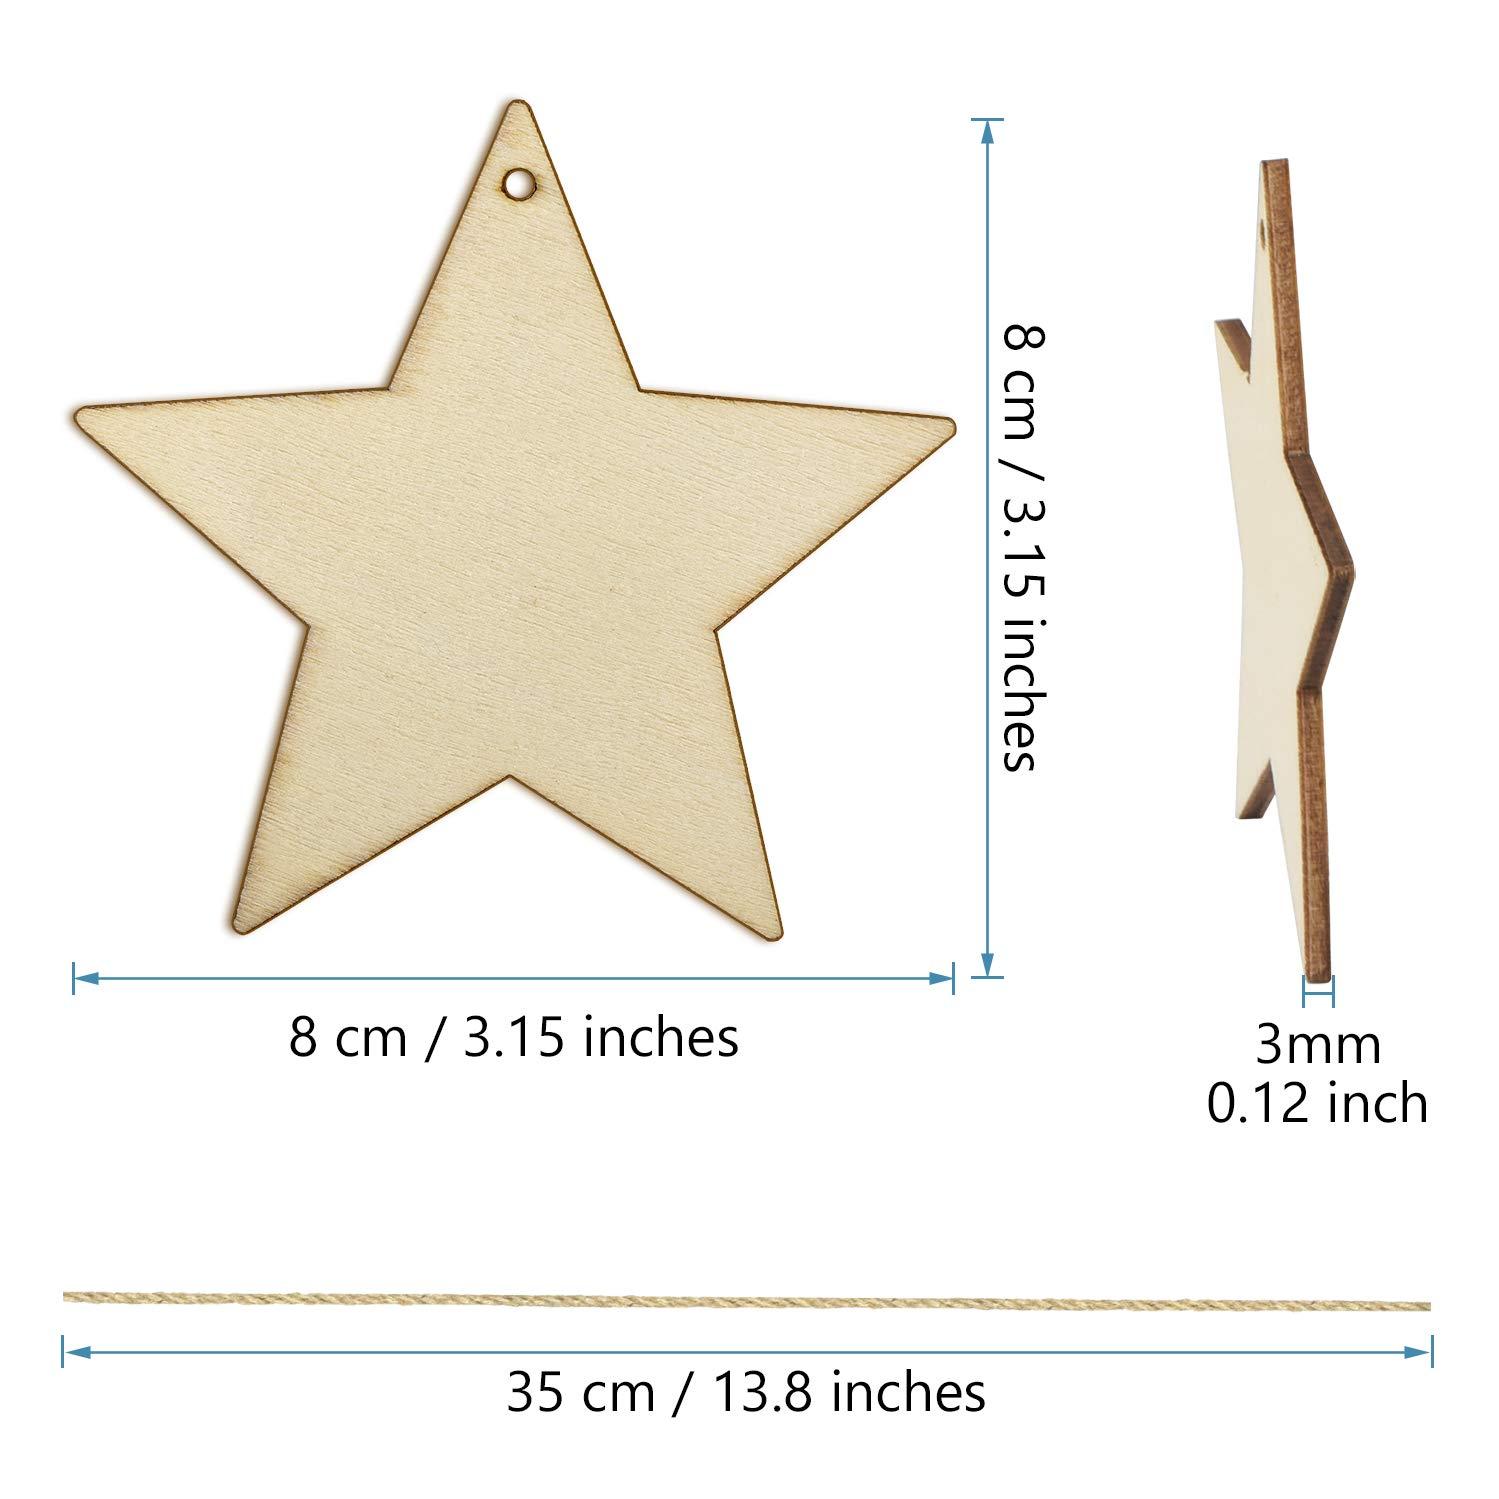 Estrellas Colgantes de Madera con 40pcs Cordeles para Adornos de Navidad MELLIEX 40 Piezas Adornos de Madera de Colgantes de Navidad para DIY